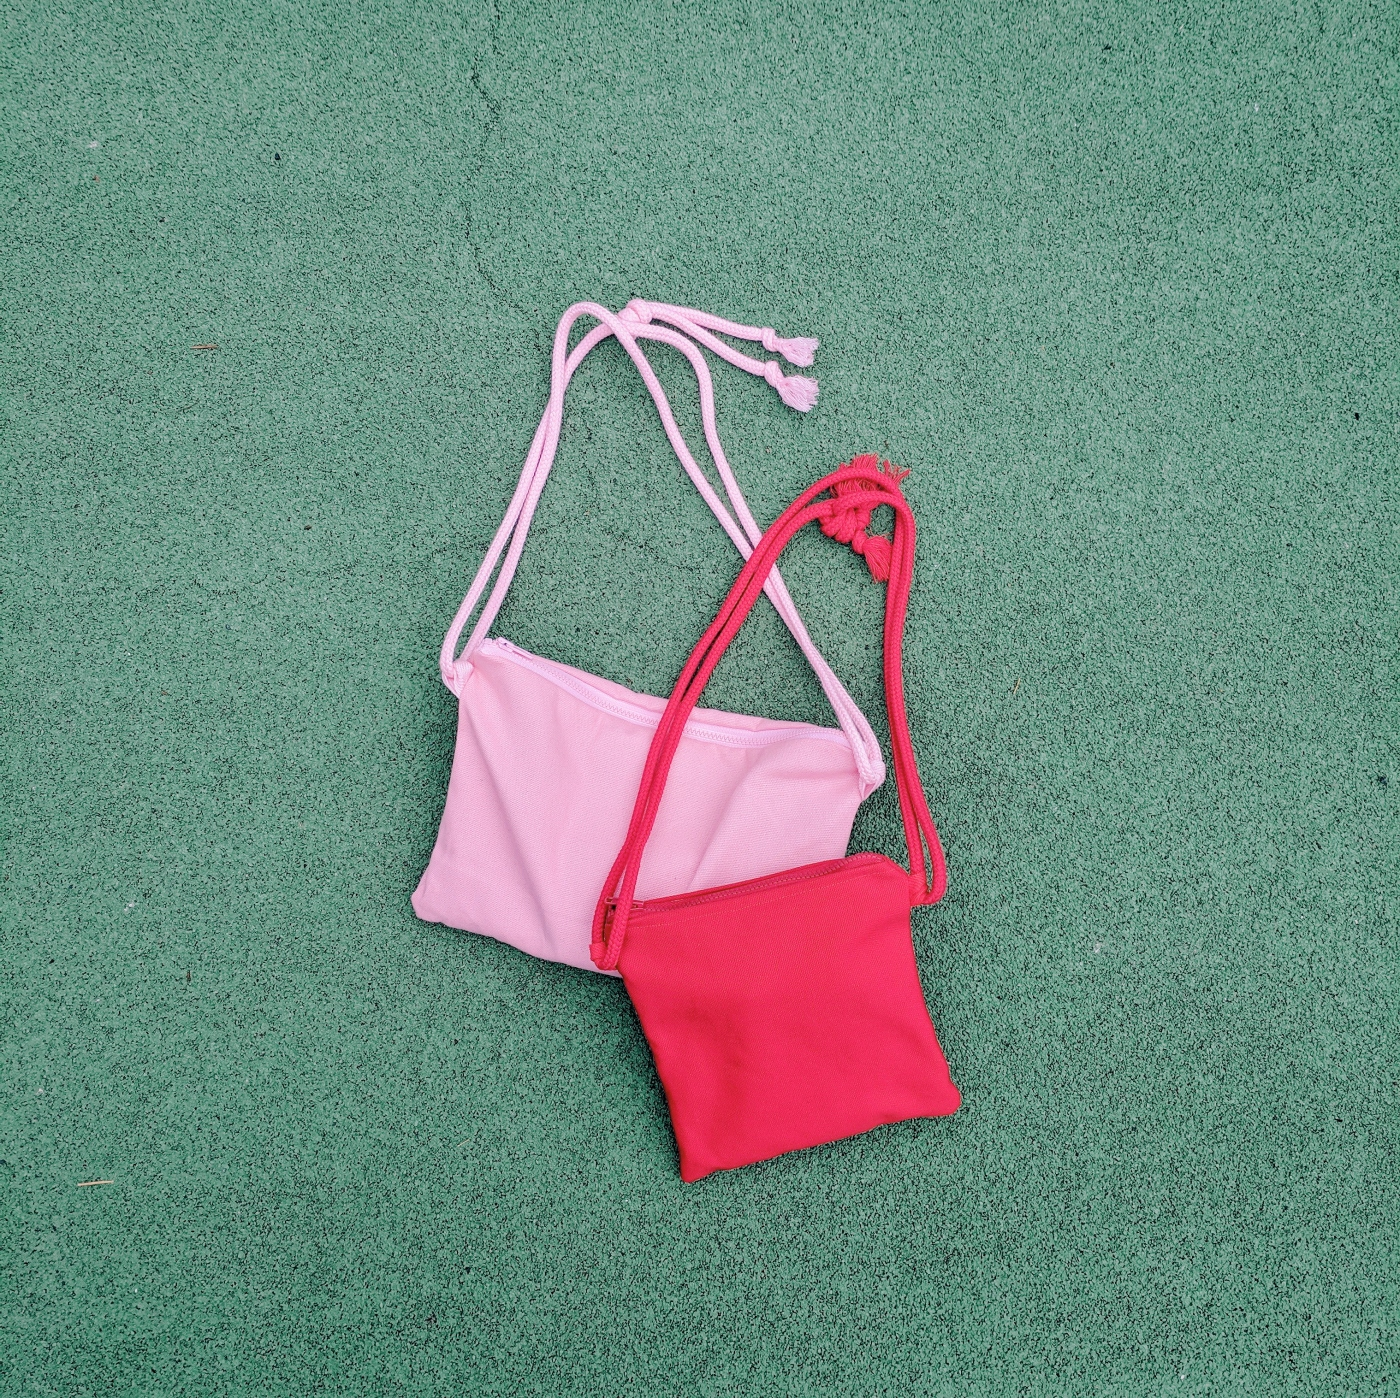 DIY Daisy Pocket Bag